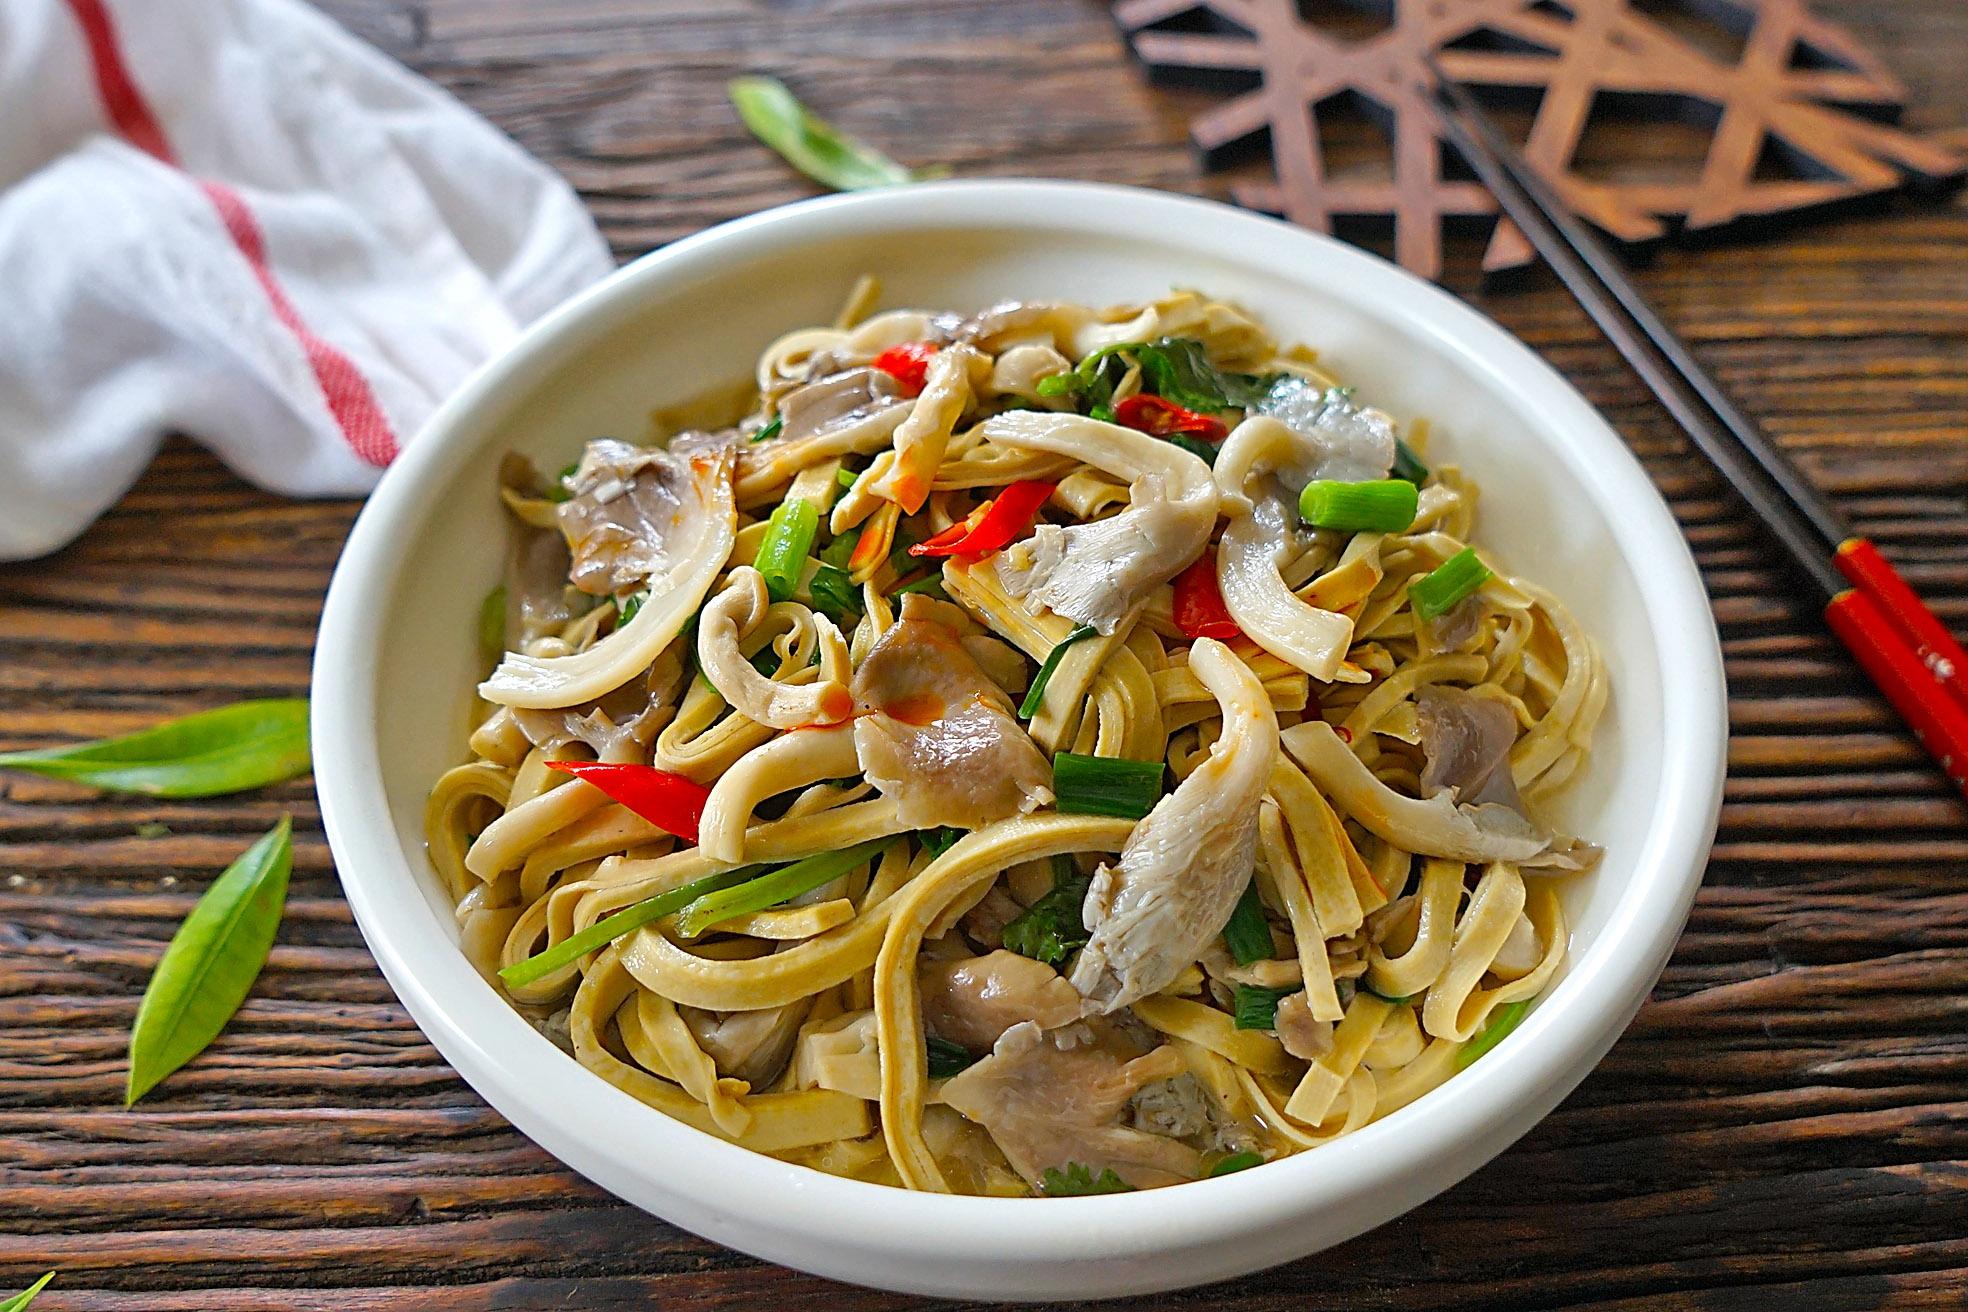 用它和平菇简单炖一炖,暖胃又提高免疫力,入秋三分食谱钟速瘦图片